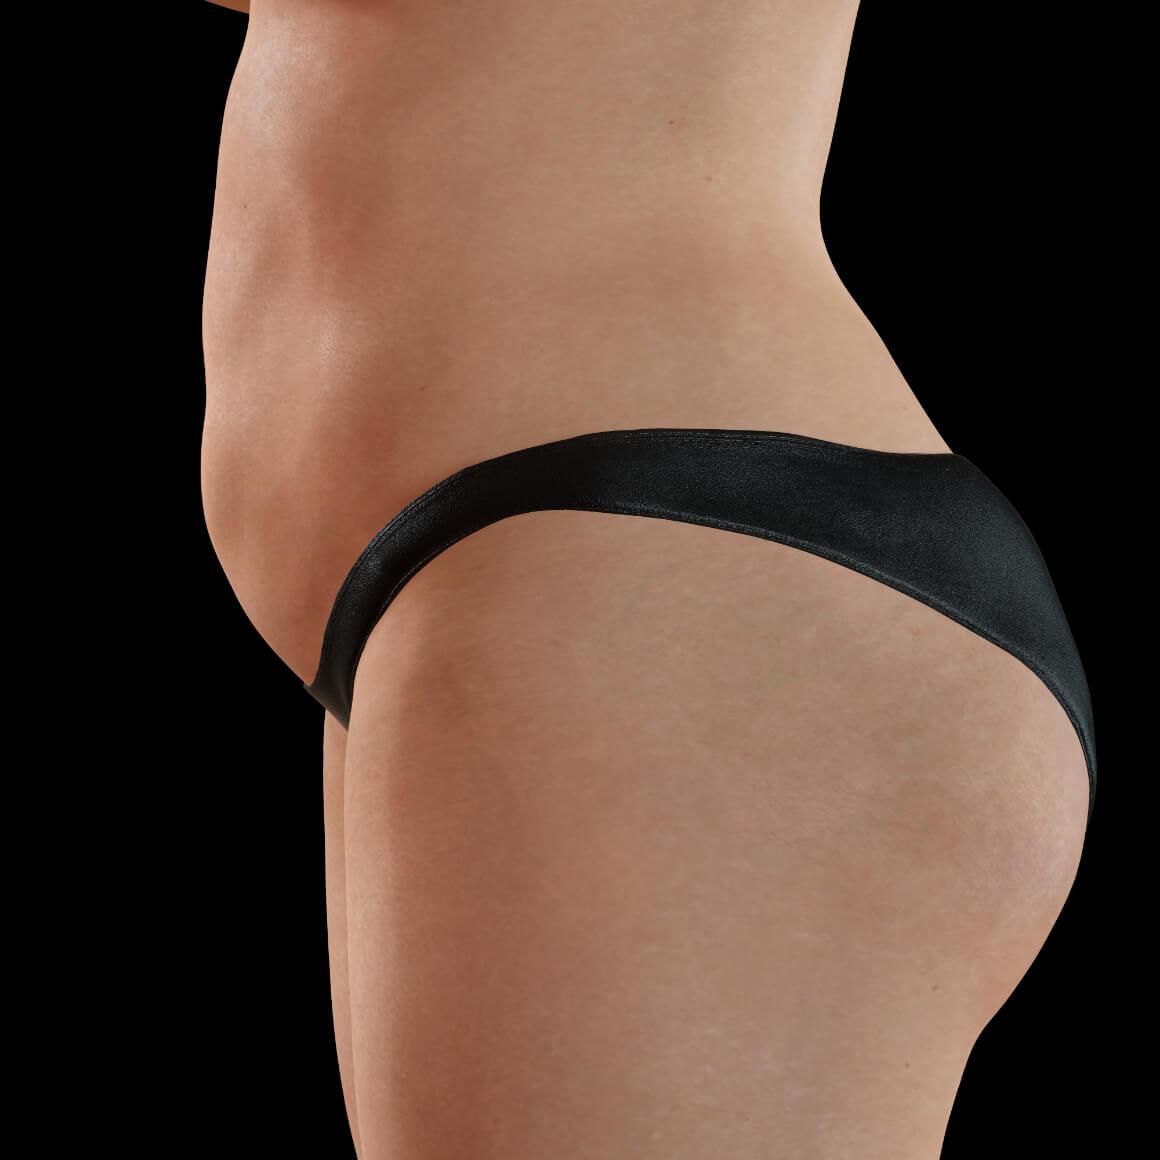 Une patiente de la Clinique Chloé positionnée de côté ayant des excès de gras localisés sur le corps